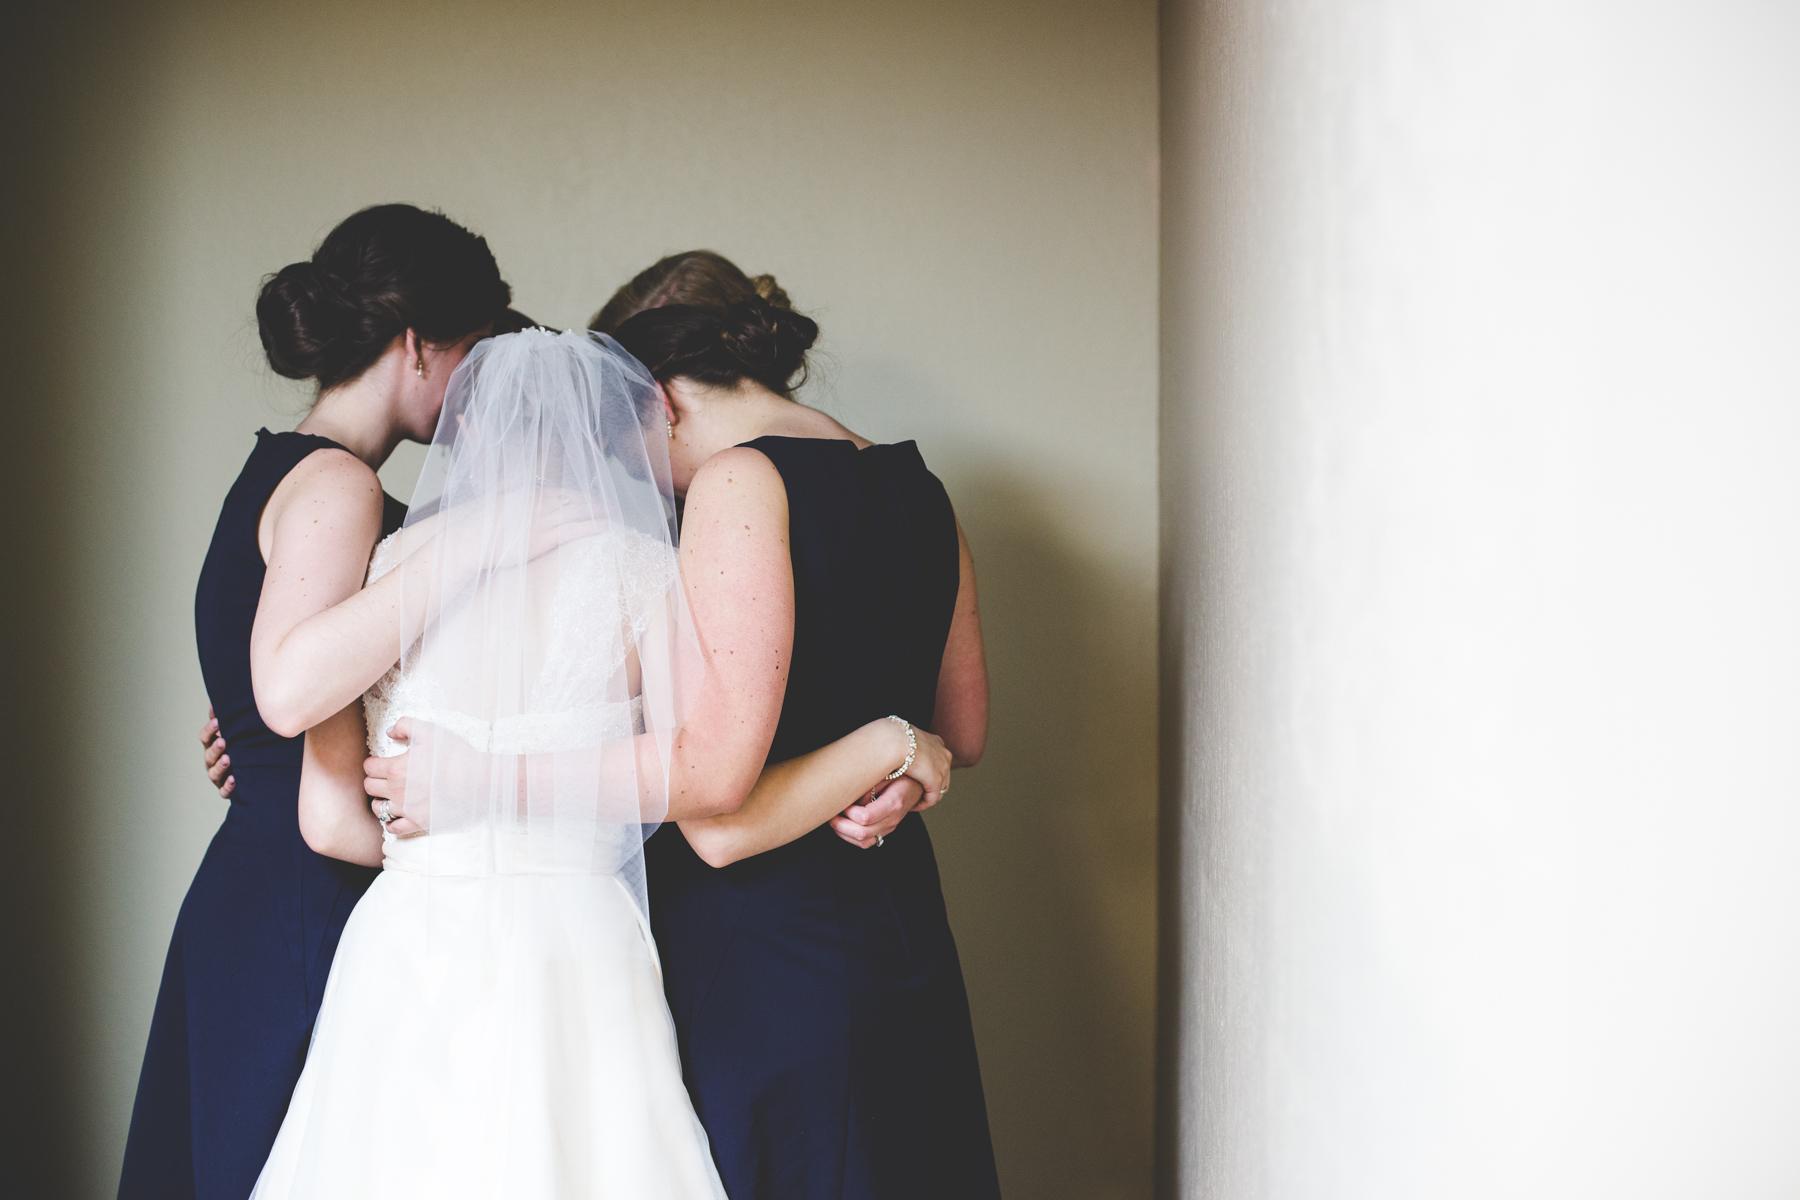 20150912-ryanandkariwedding2-10.jpg